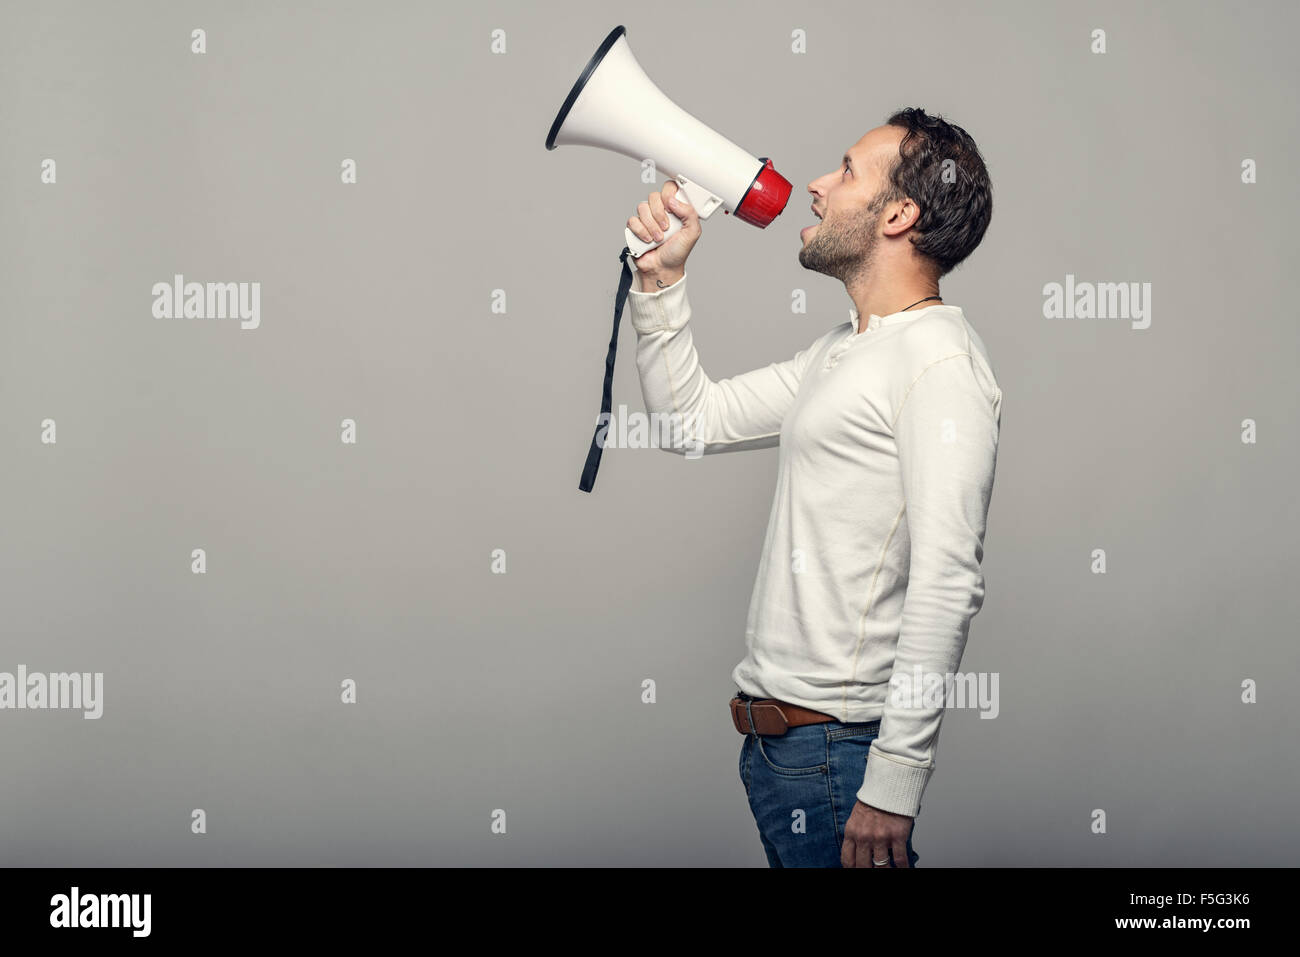 Mann spricht über ein Megaphon, da er eine öffentliche Adresse macht, beteiligt sich an einem Protest Stockbild